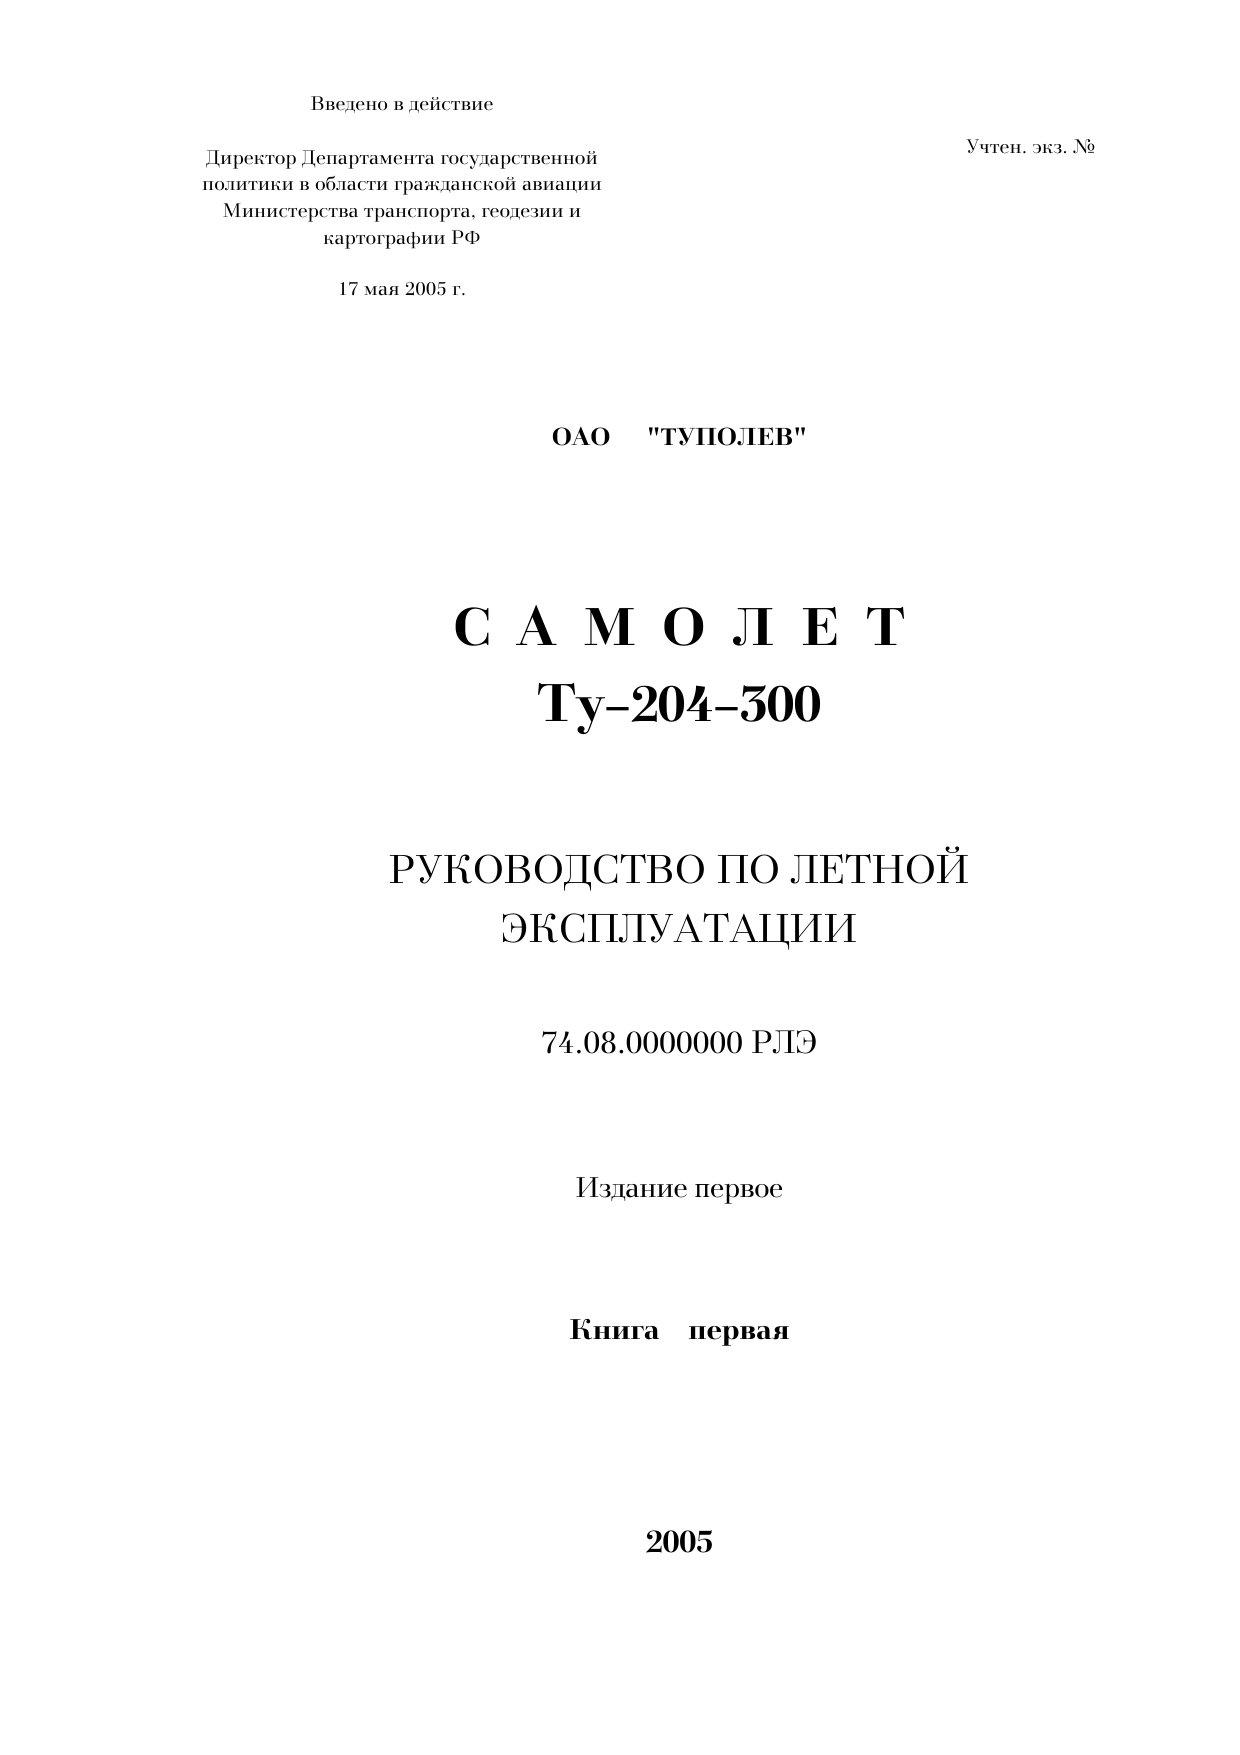 Самолет Ту-204-300. Руководство по летной эксплуатации. (в 2х книгах)